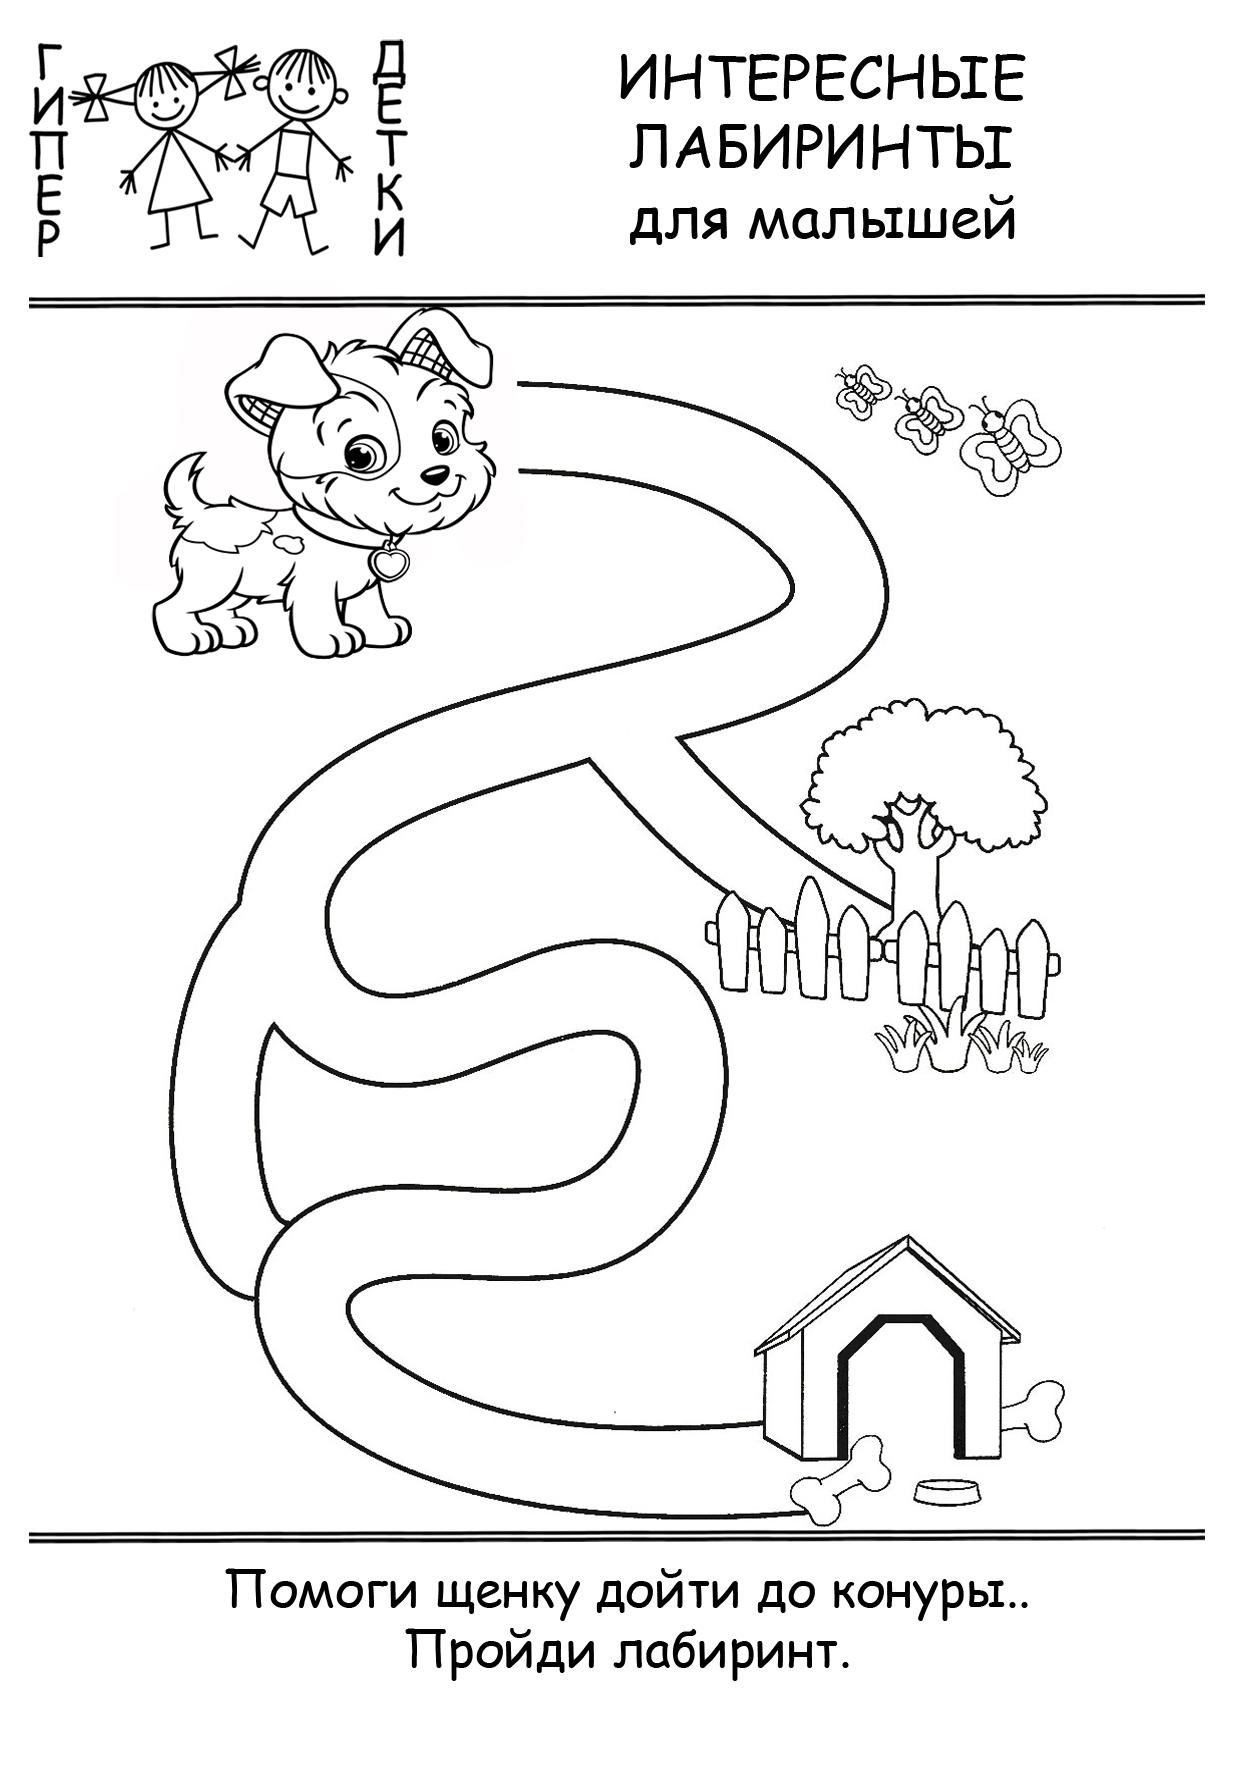 Лабиринты для малышей - простые задания для детей 2-3 лет